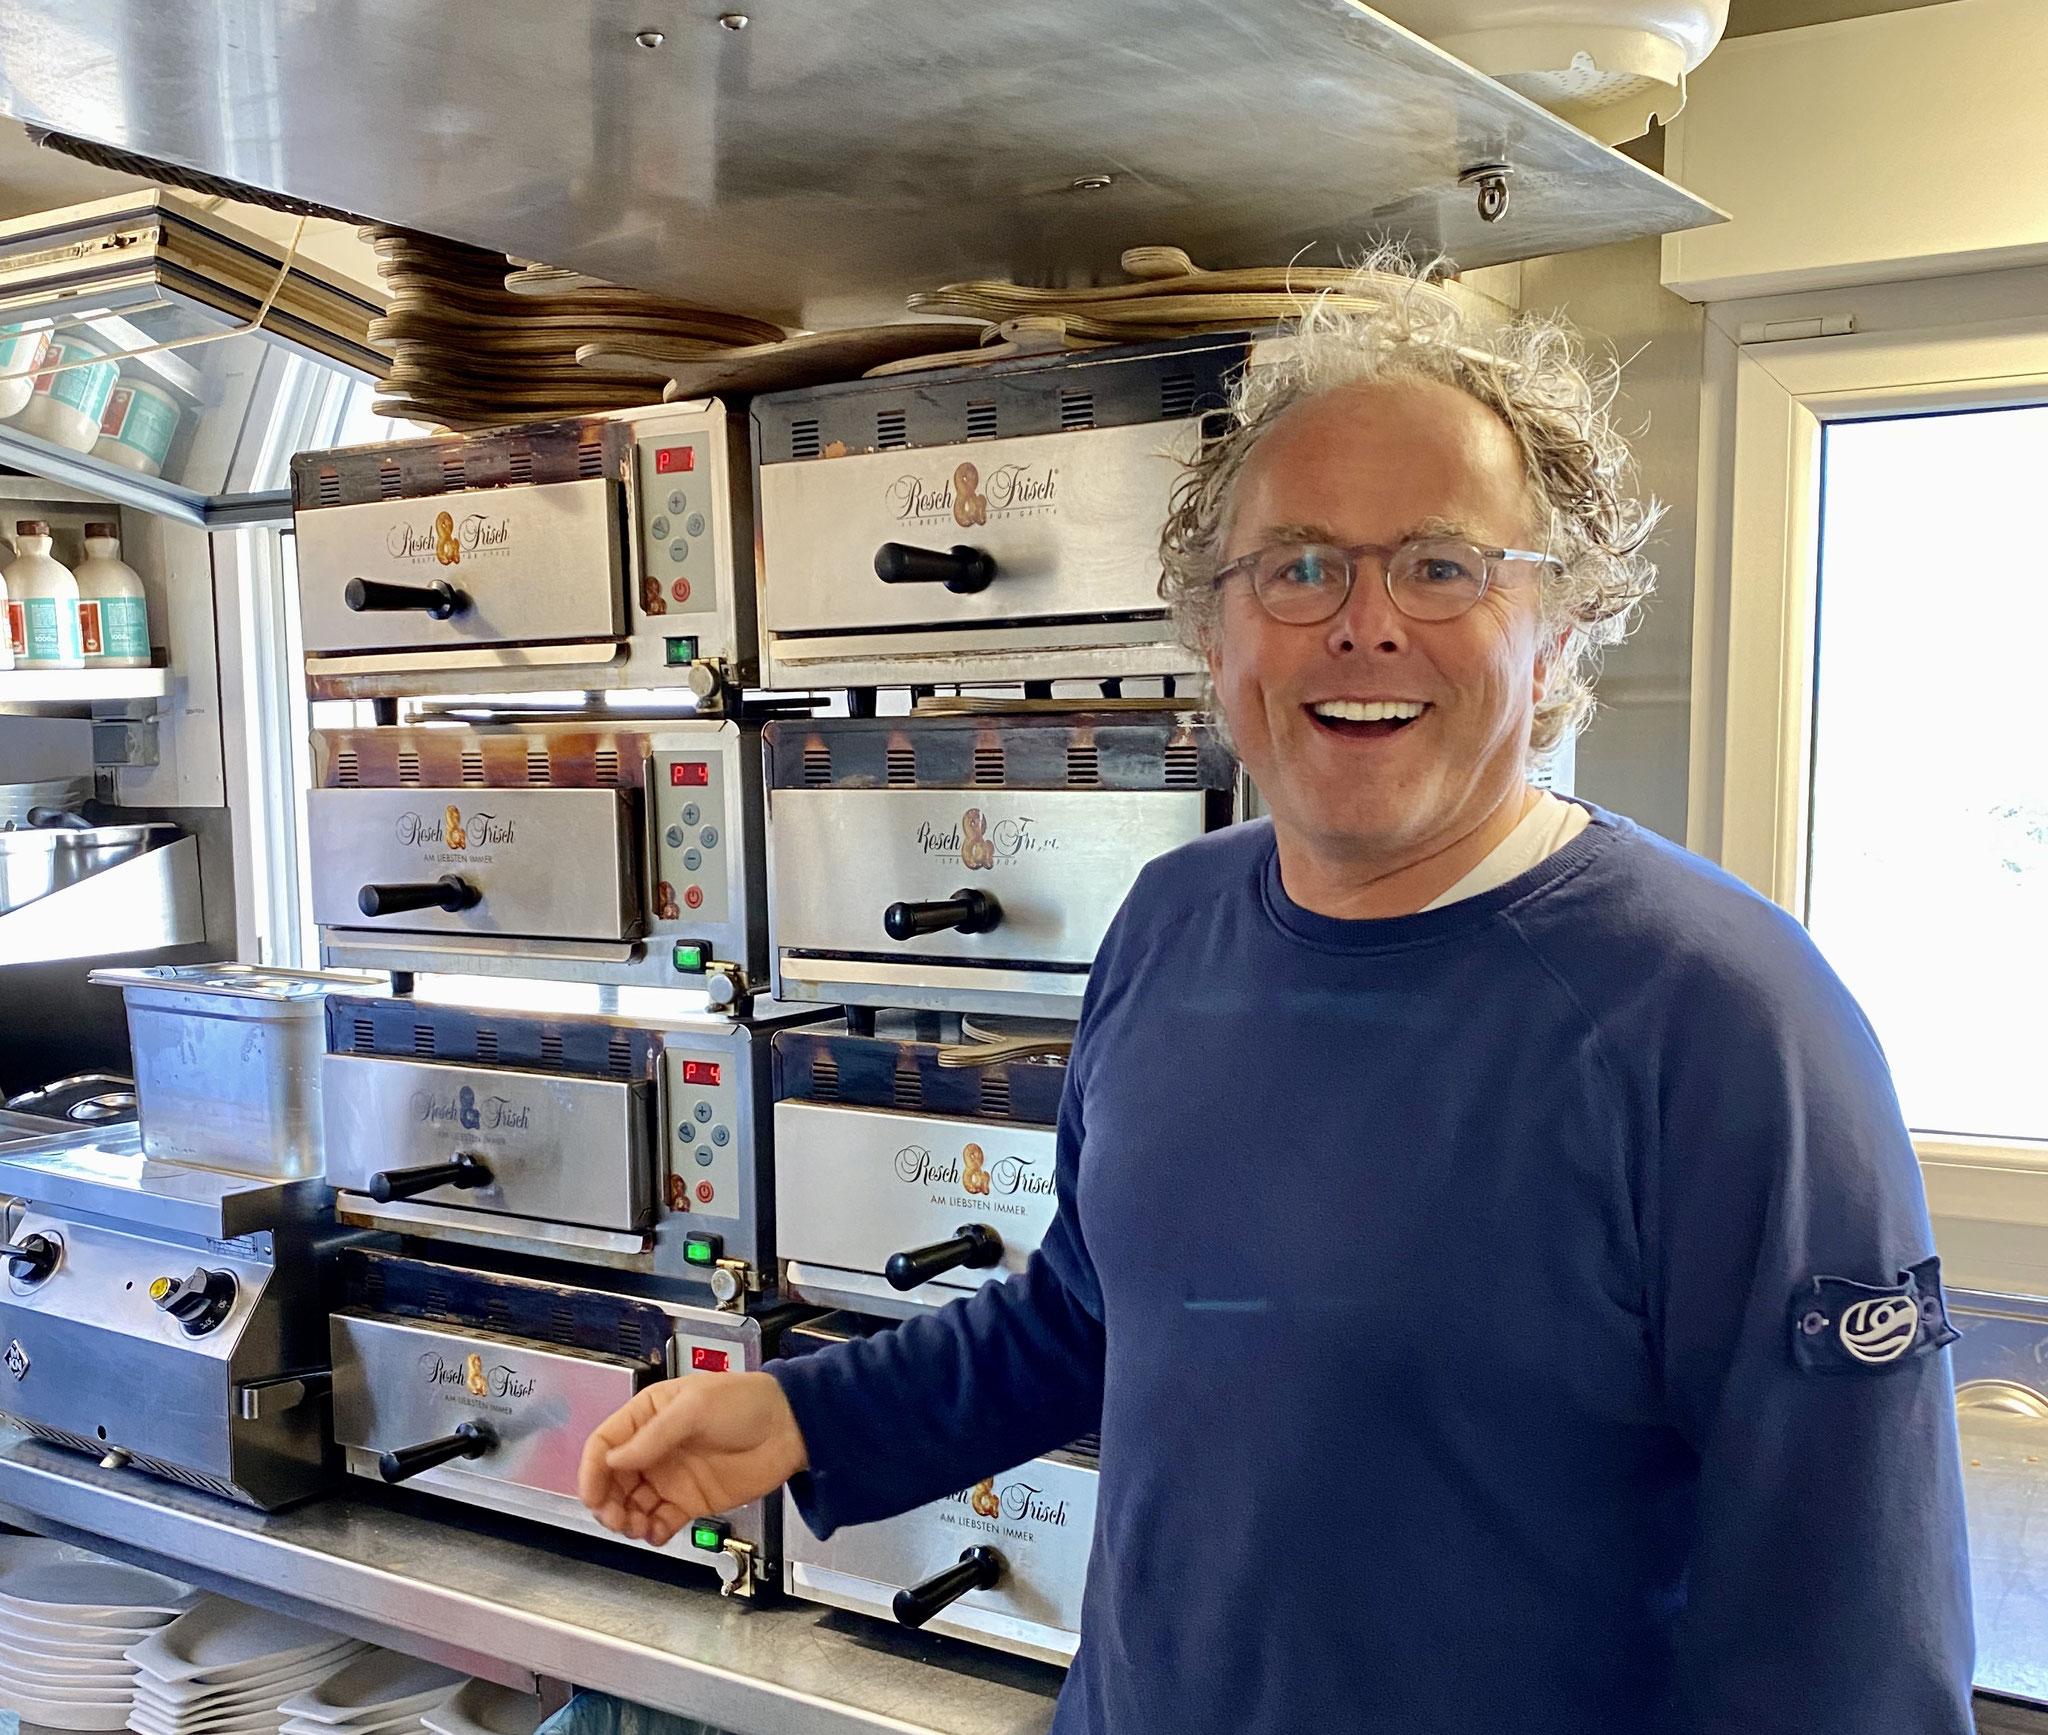 Sven Behrens in Buhne 16 Küche